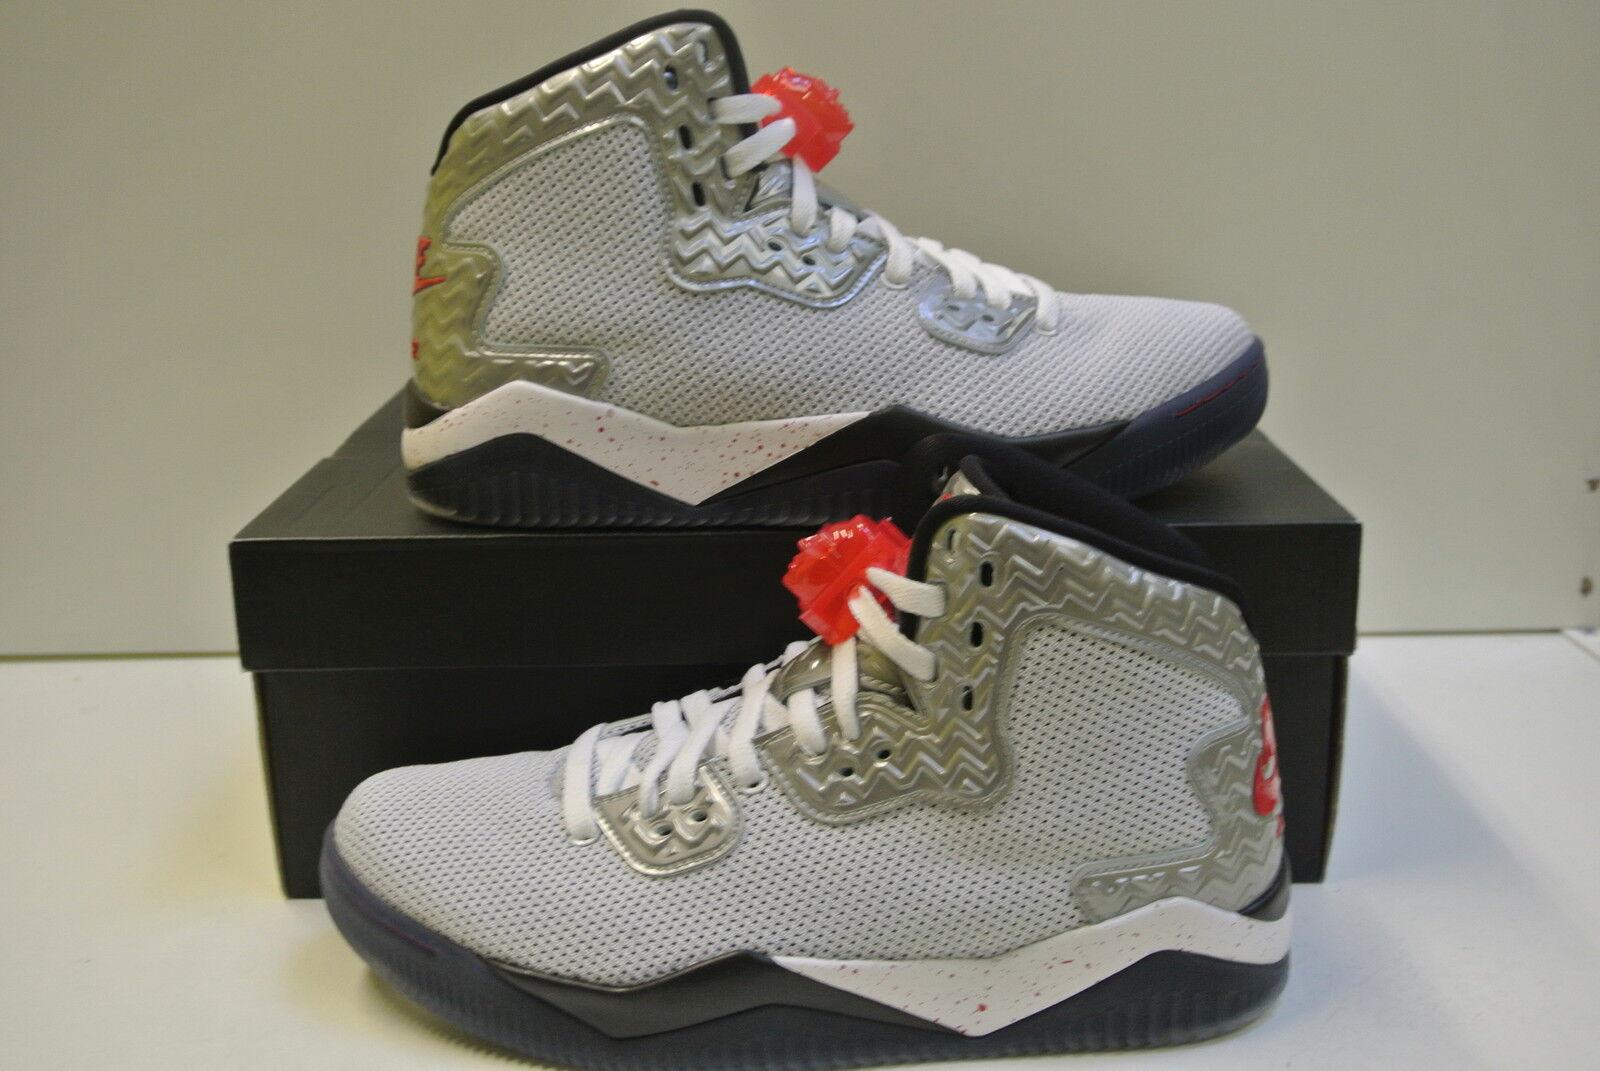 Nike Air JORDAN JORDAN JORDAN Spike Forty PE  Gr. 45 / Us 11 Neu & OVP 807541 101 0c15f1